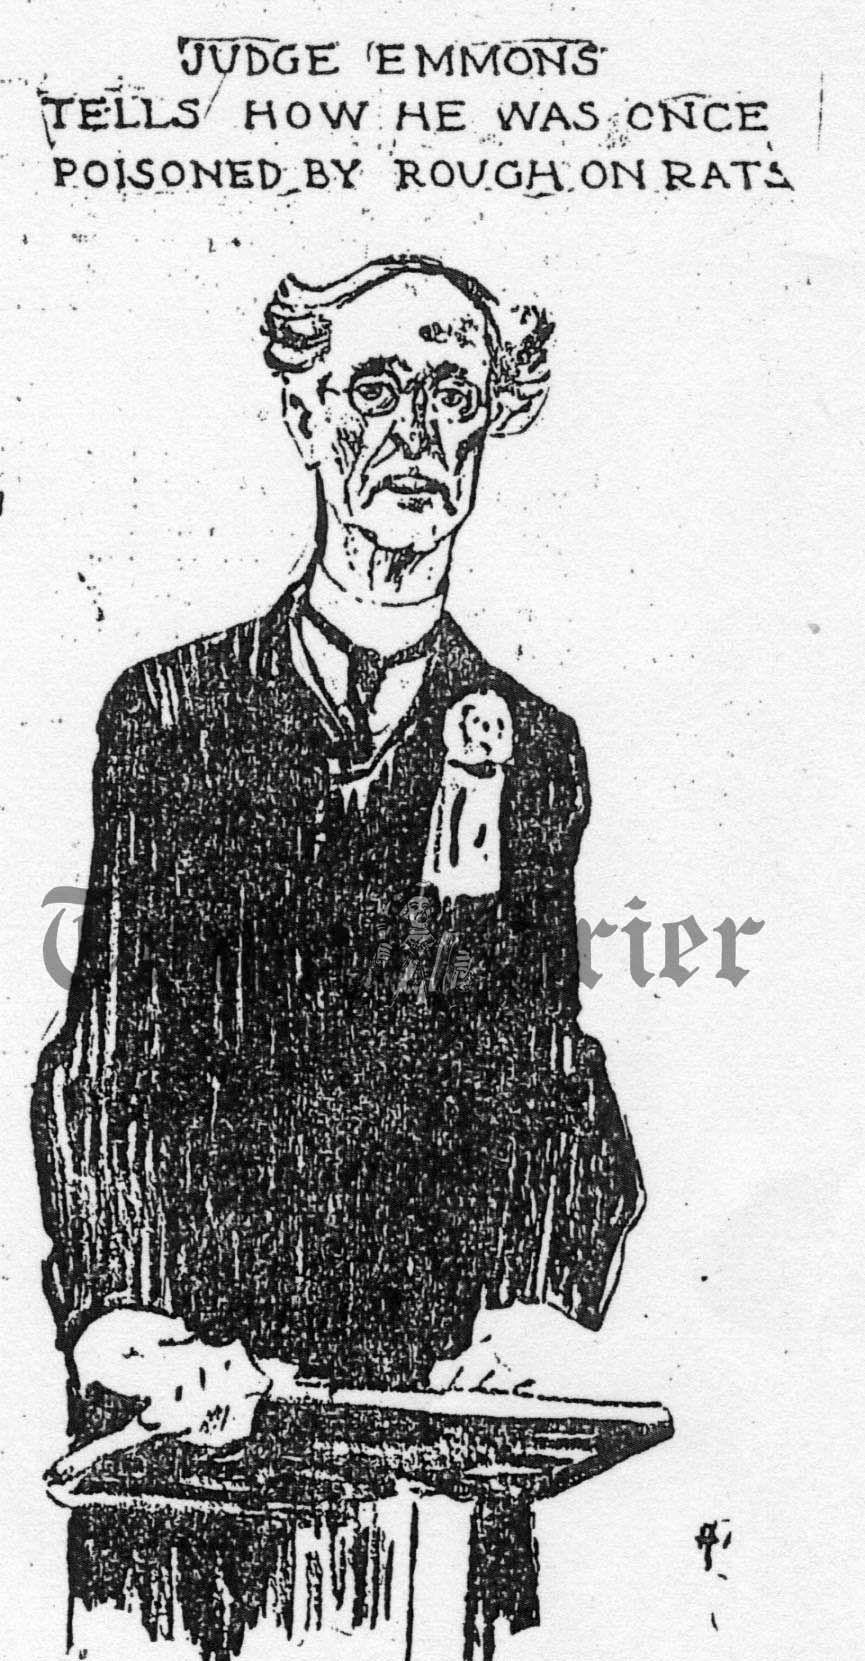 Judge William H.H. Emmons